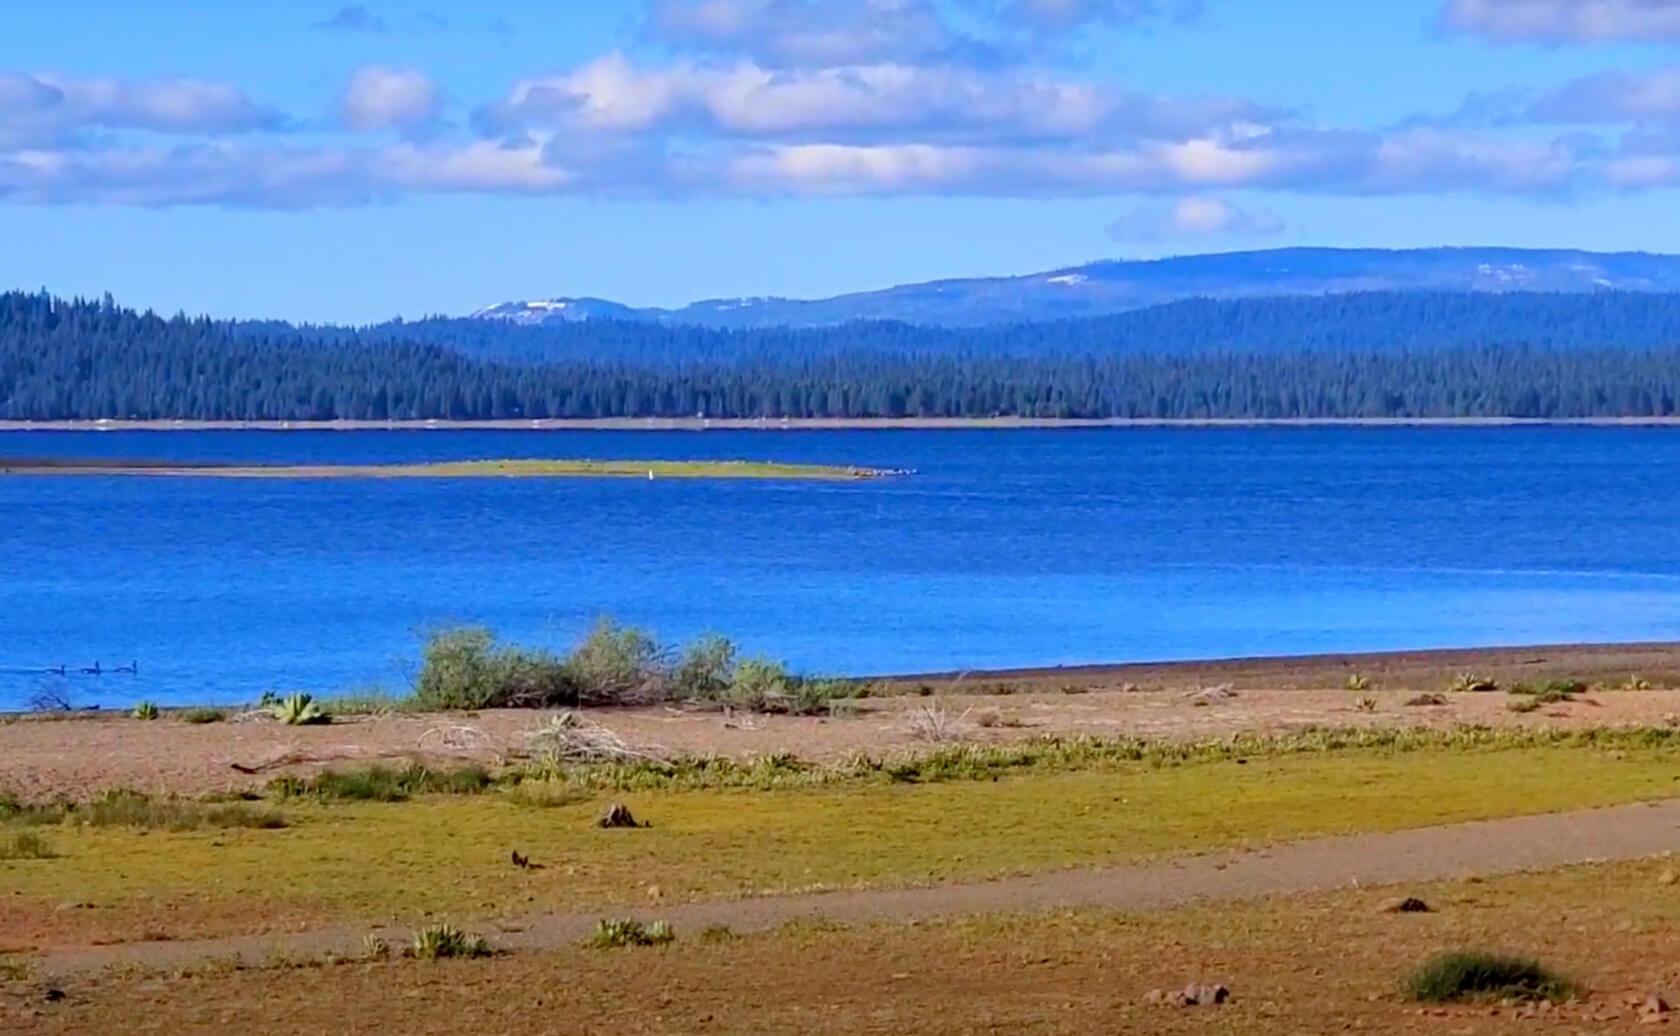 Almanor-Lake-Fishing-Guide-Report-California-03